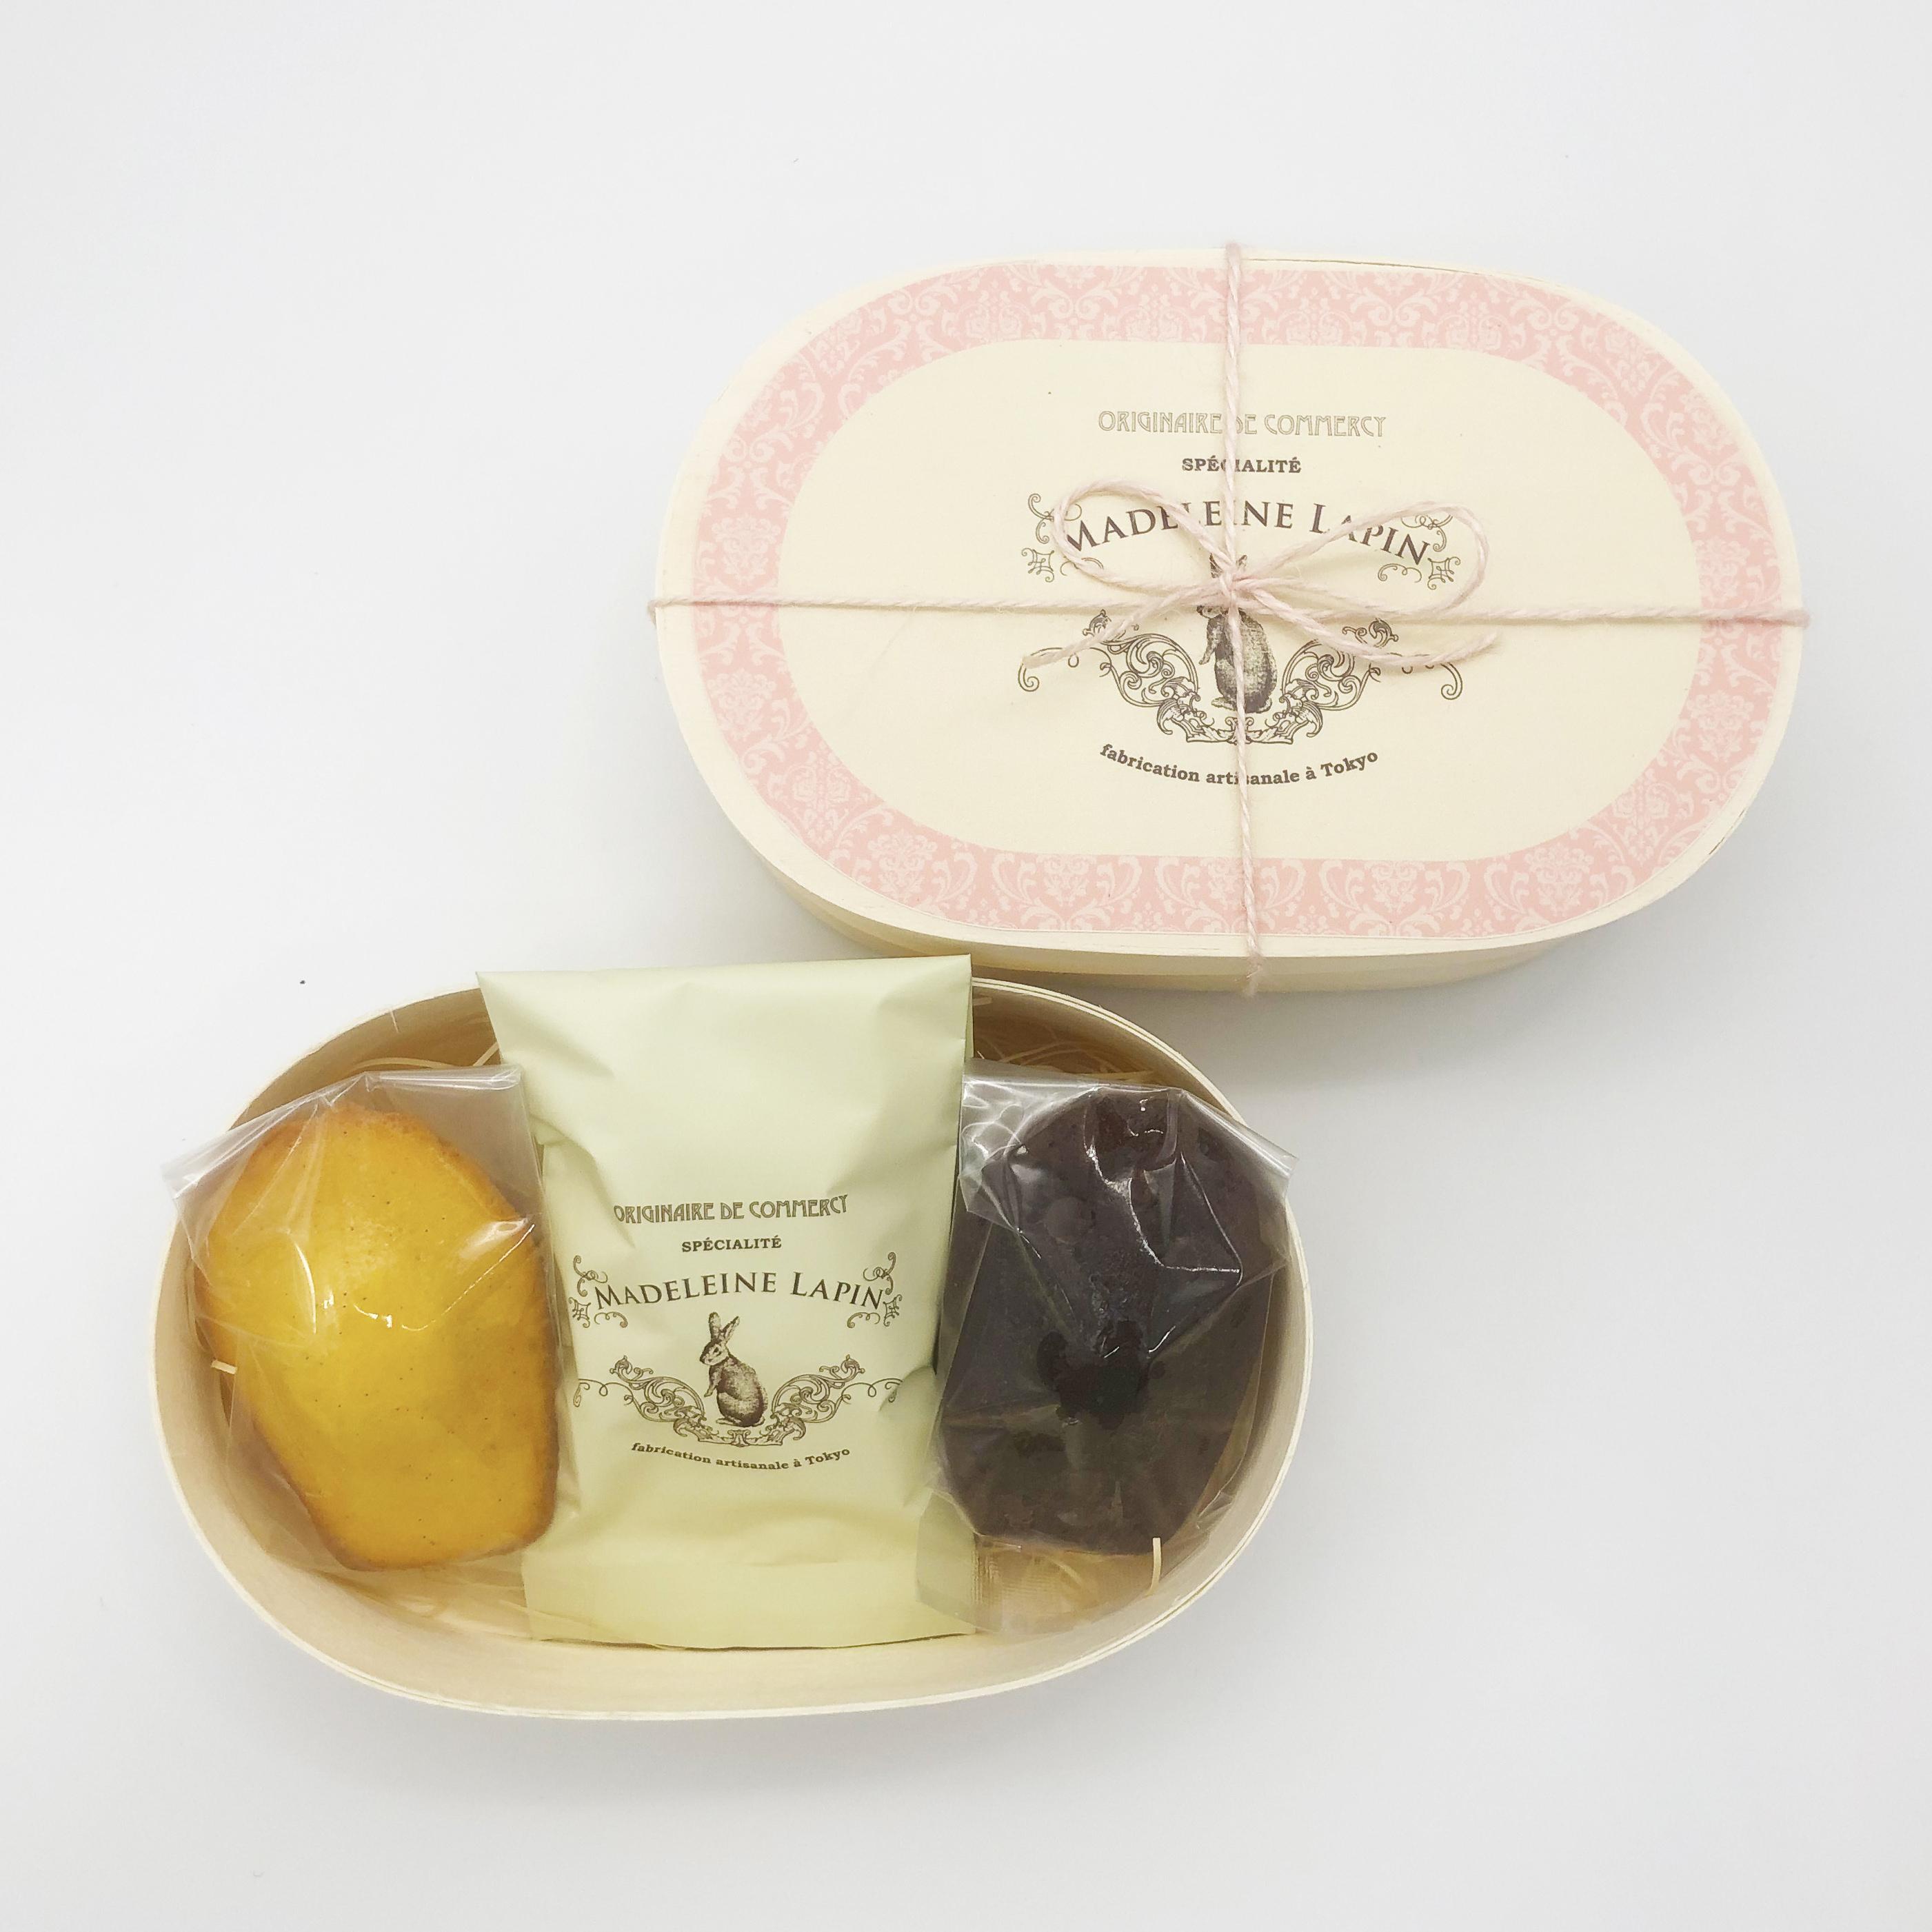 日本初の無添加マドレーヌ専門店<マドレーヌラパン>、 春のギフトシーズン向けのマドレーヌギフトボックス2種類を 2月29日より期間限定で販売